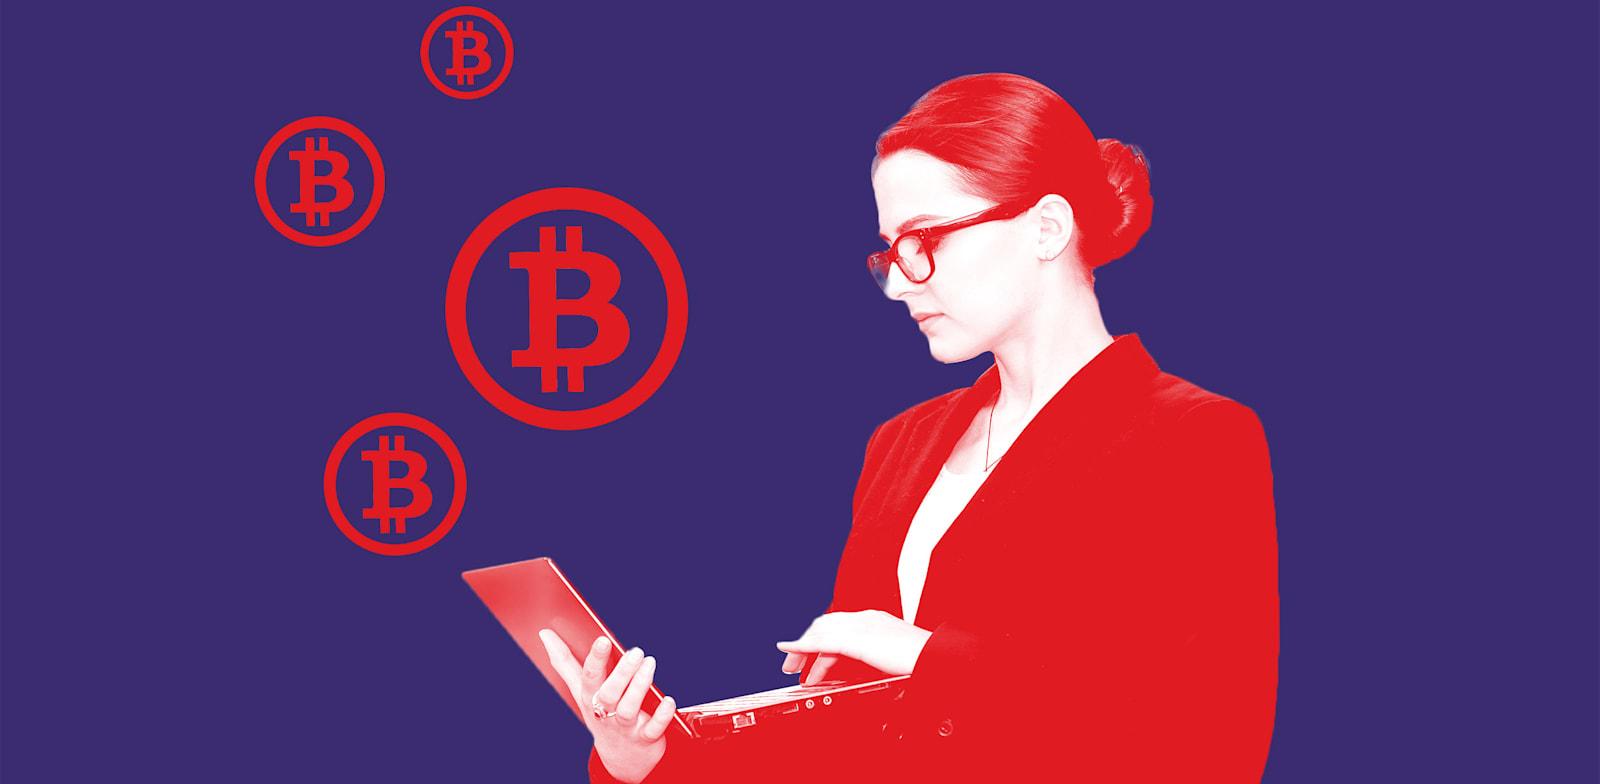 הדברים שאתם צריכים לדעת לפני השקעה במטבע דיגיטלי / עיצוב: טלי בוגדנובסקי